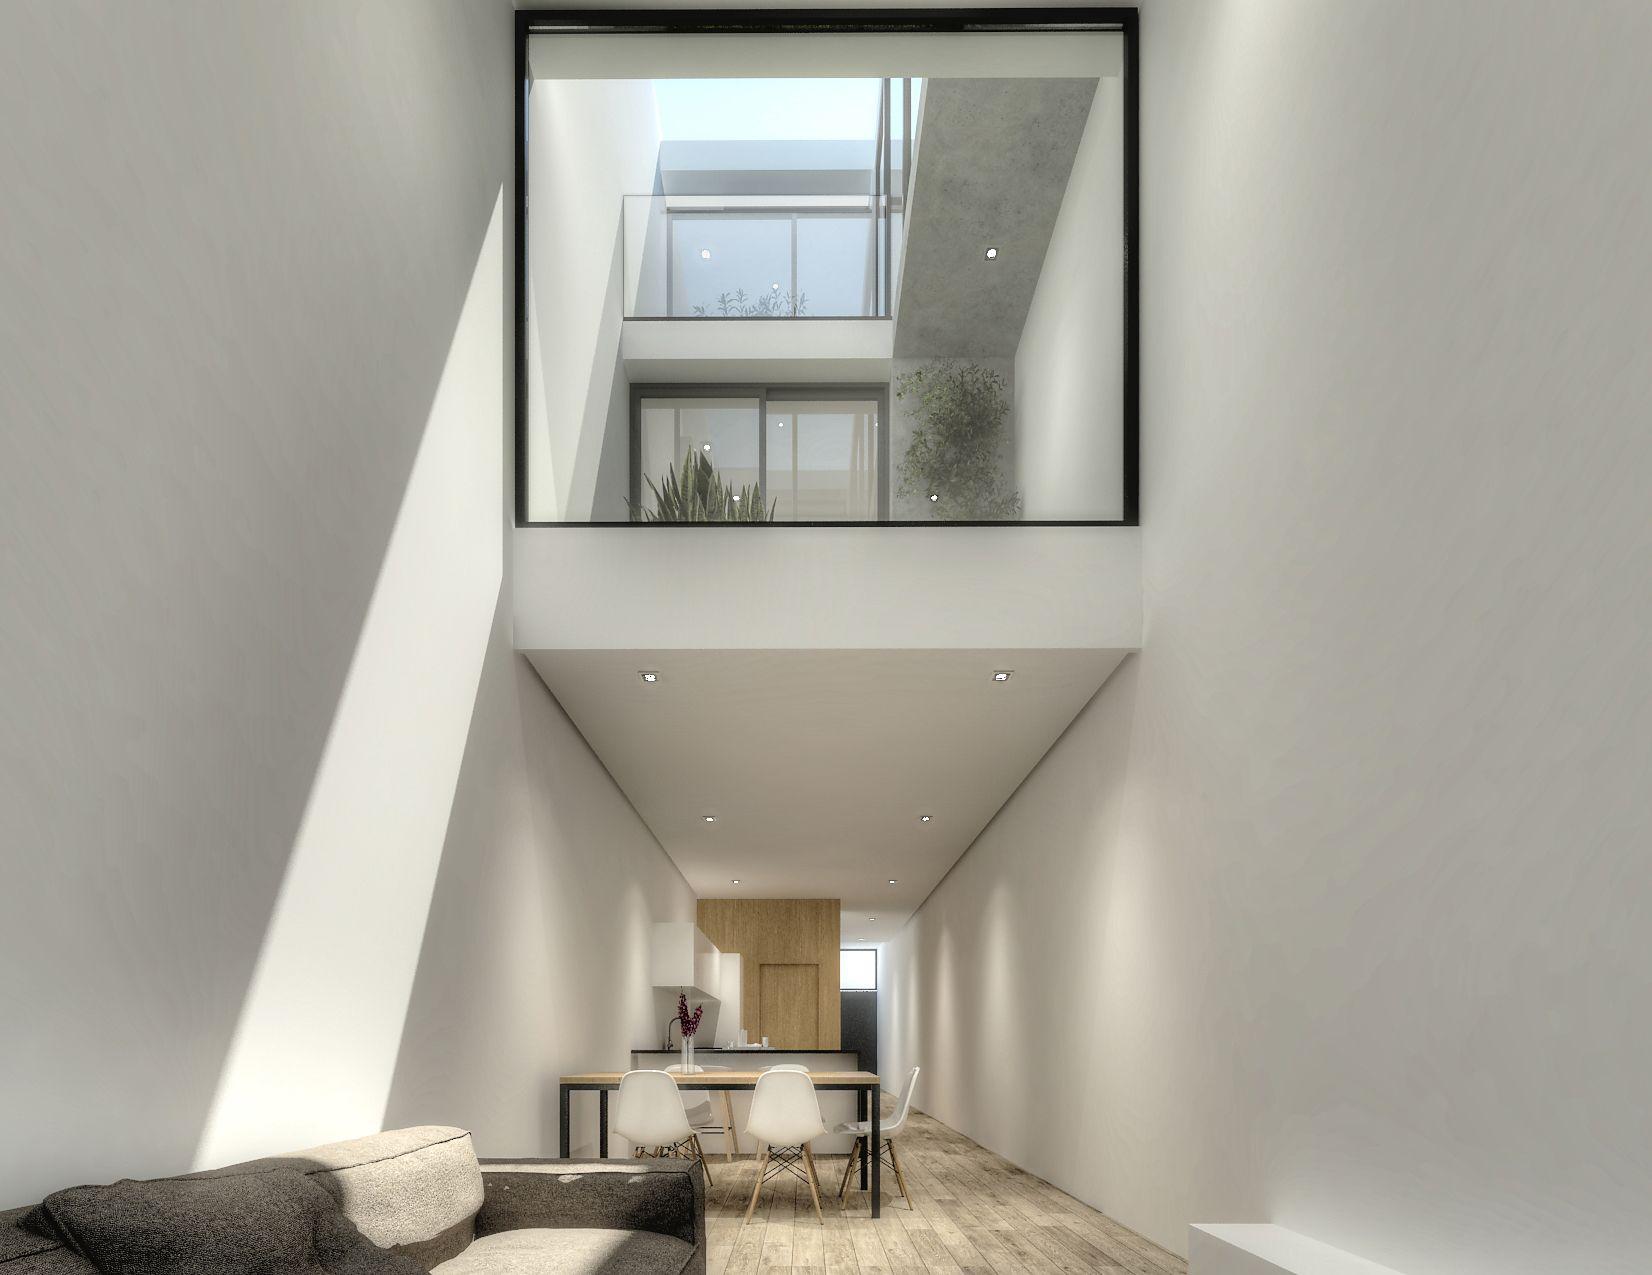 La casa estrecha vivienda unifamiliar entre medianeras - Vivienda unifamiliar entre medianeras ...